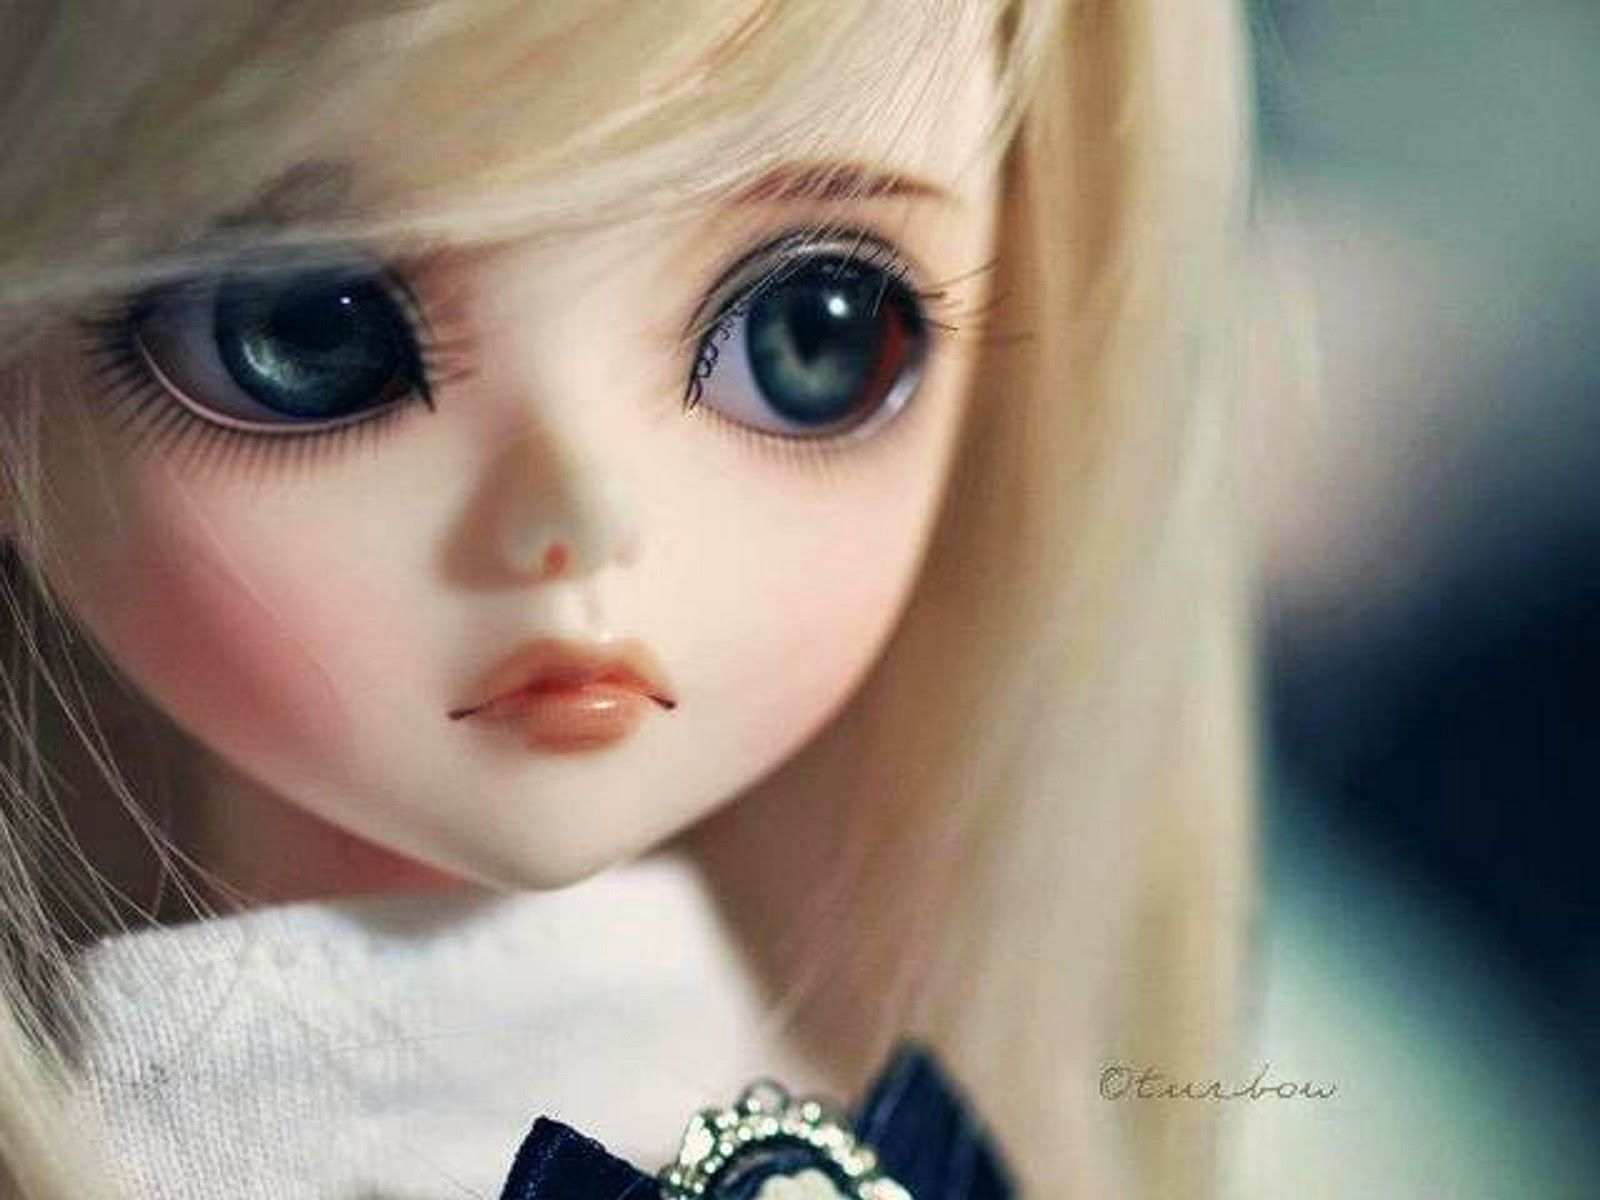 Df2e7fd2c3615c8f54d8e35a591528d6 Jpg 1600 1200 Cute Images Beautiful Dolls Cute Dolls